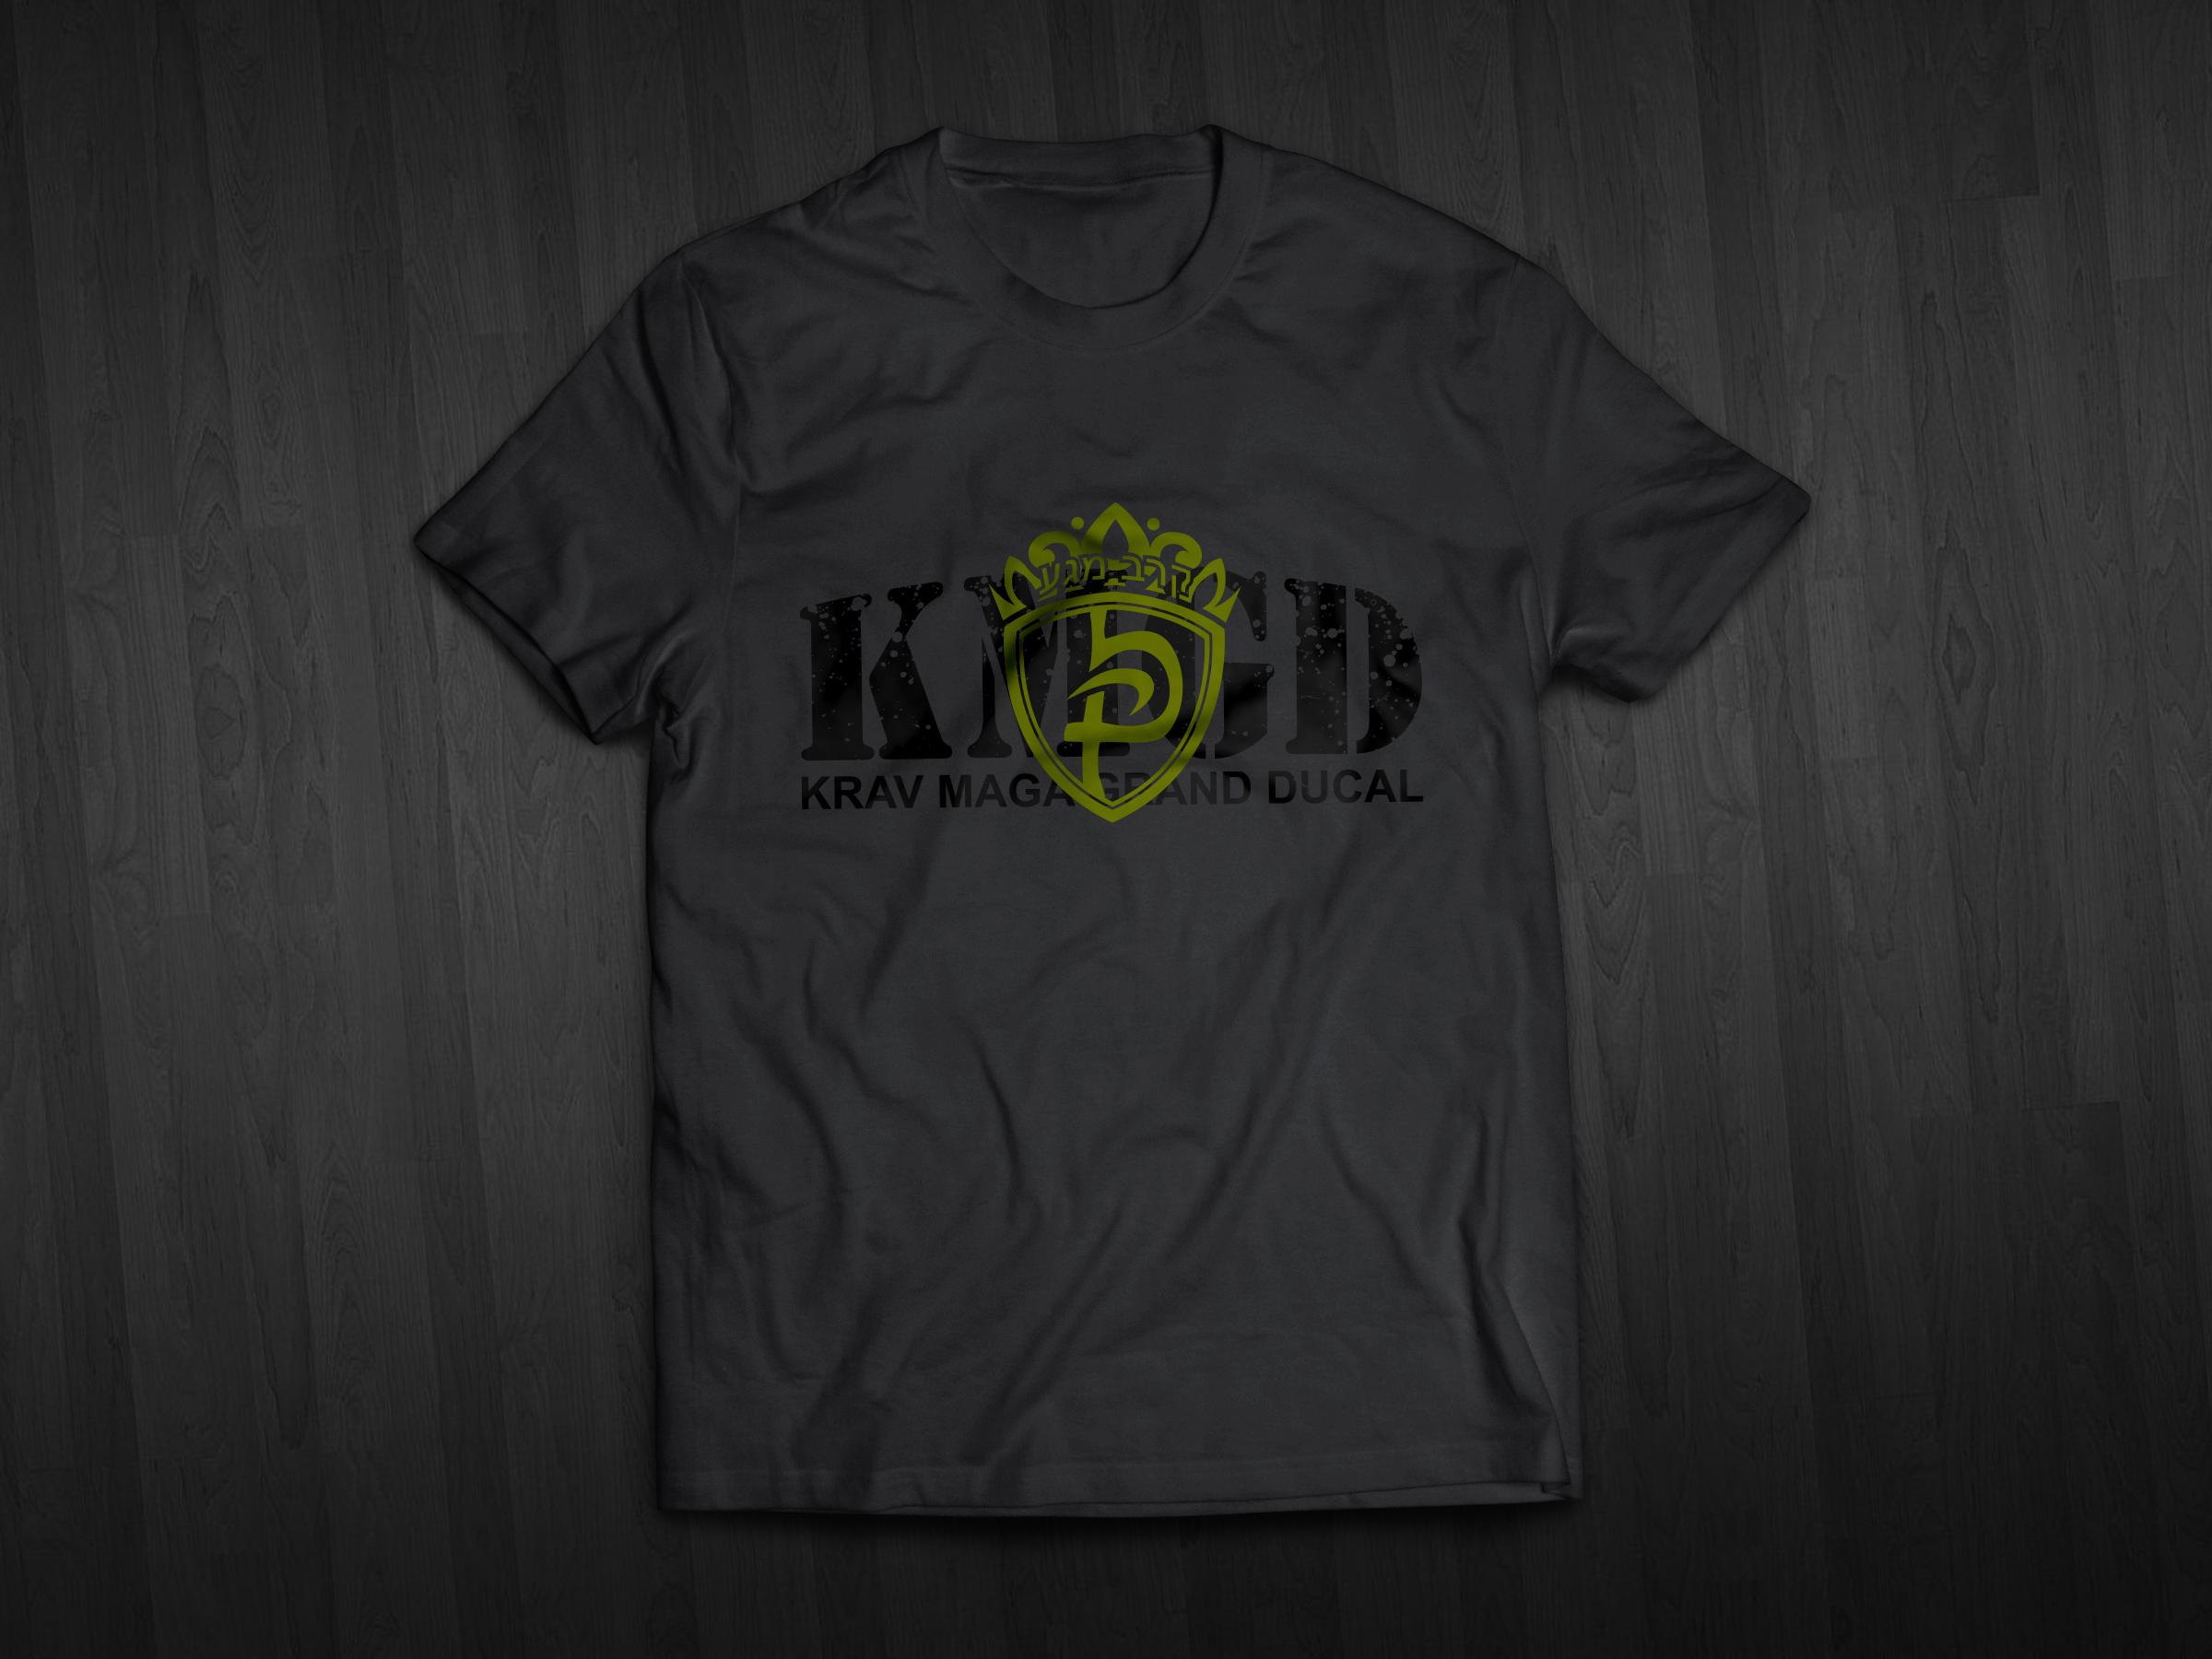 T-Shirt KMGD front